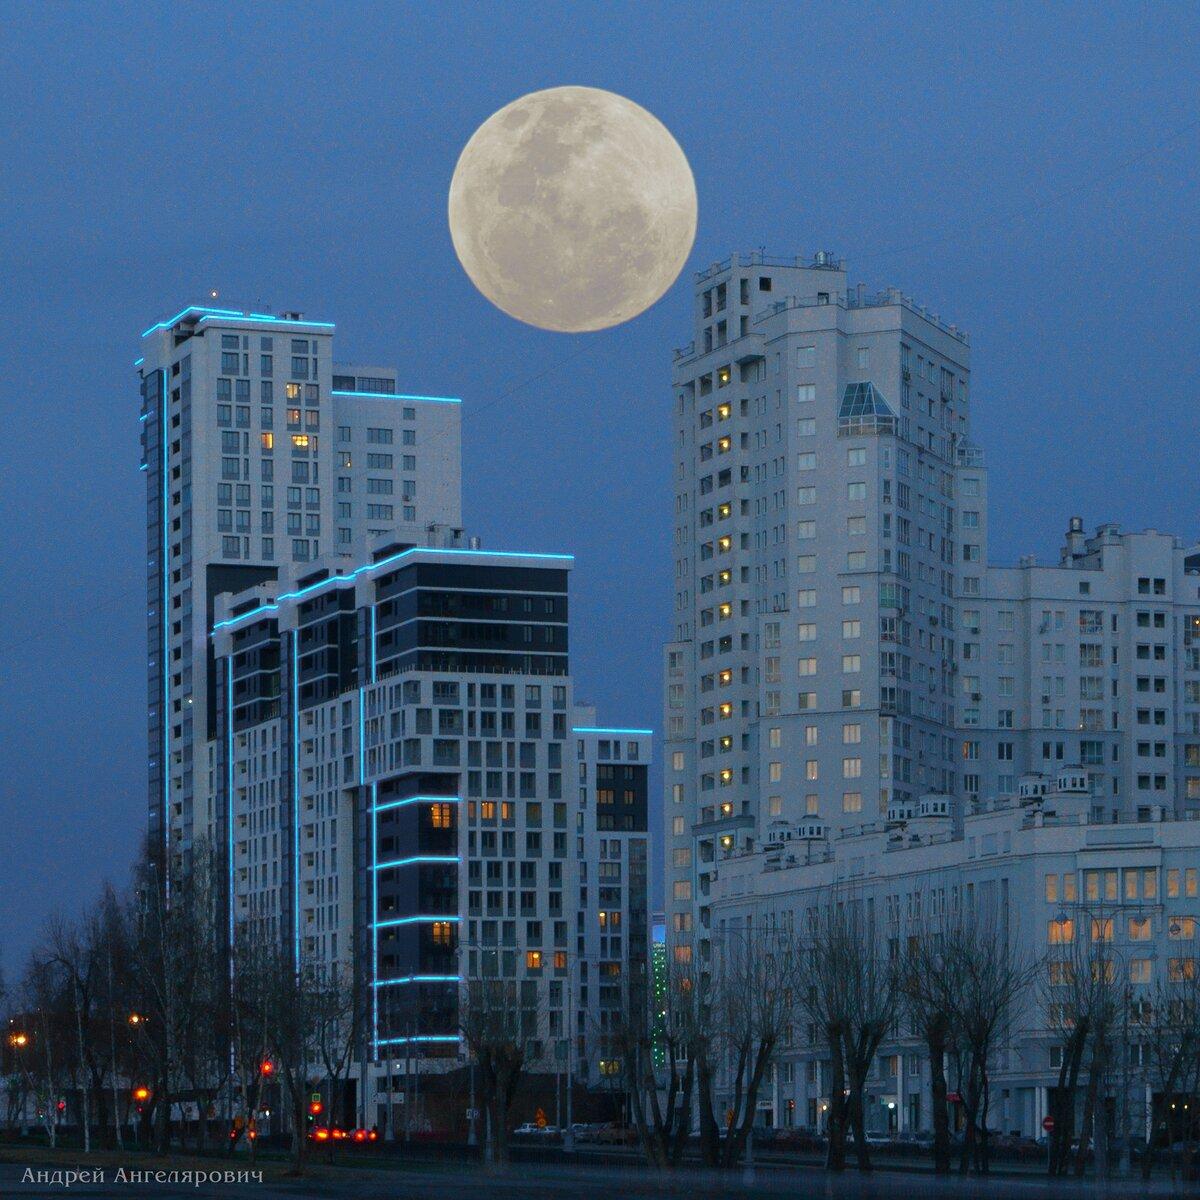 самом деле луна сейчас фото в екатеринбурге того как квазимодо